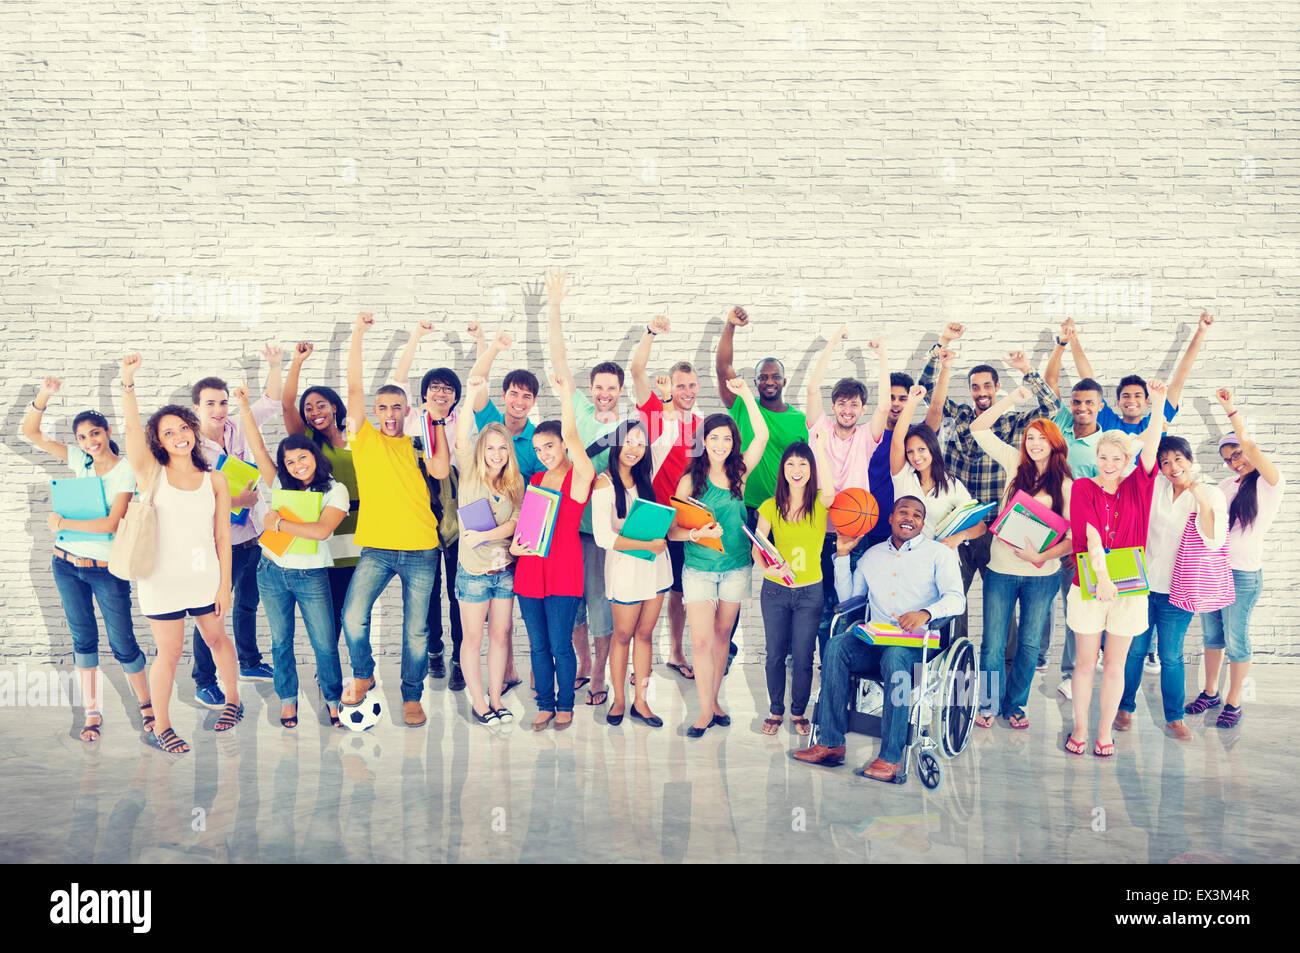 La diversità della comunità gruppo allegro felicità il concetto del Team Immagini Stock